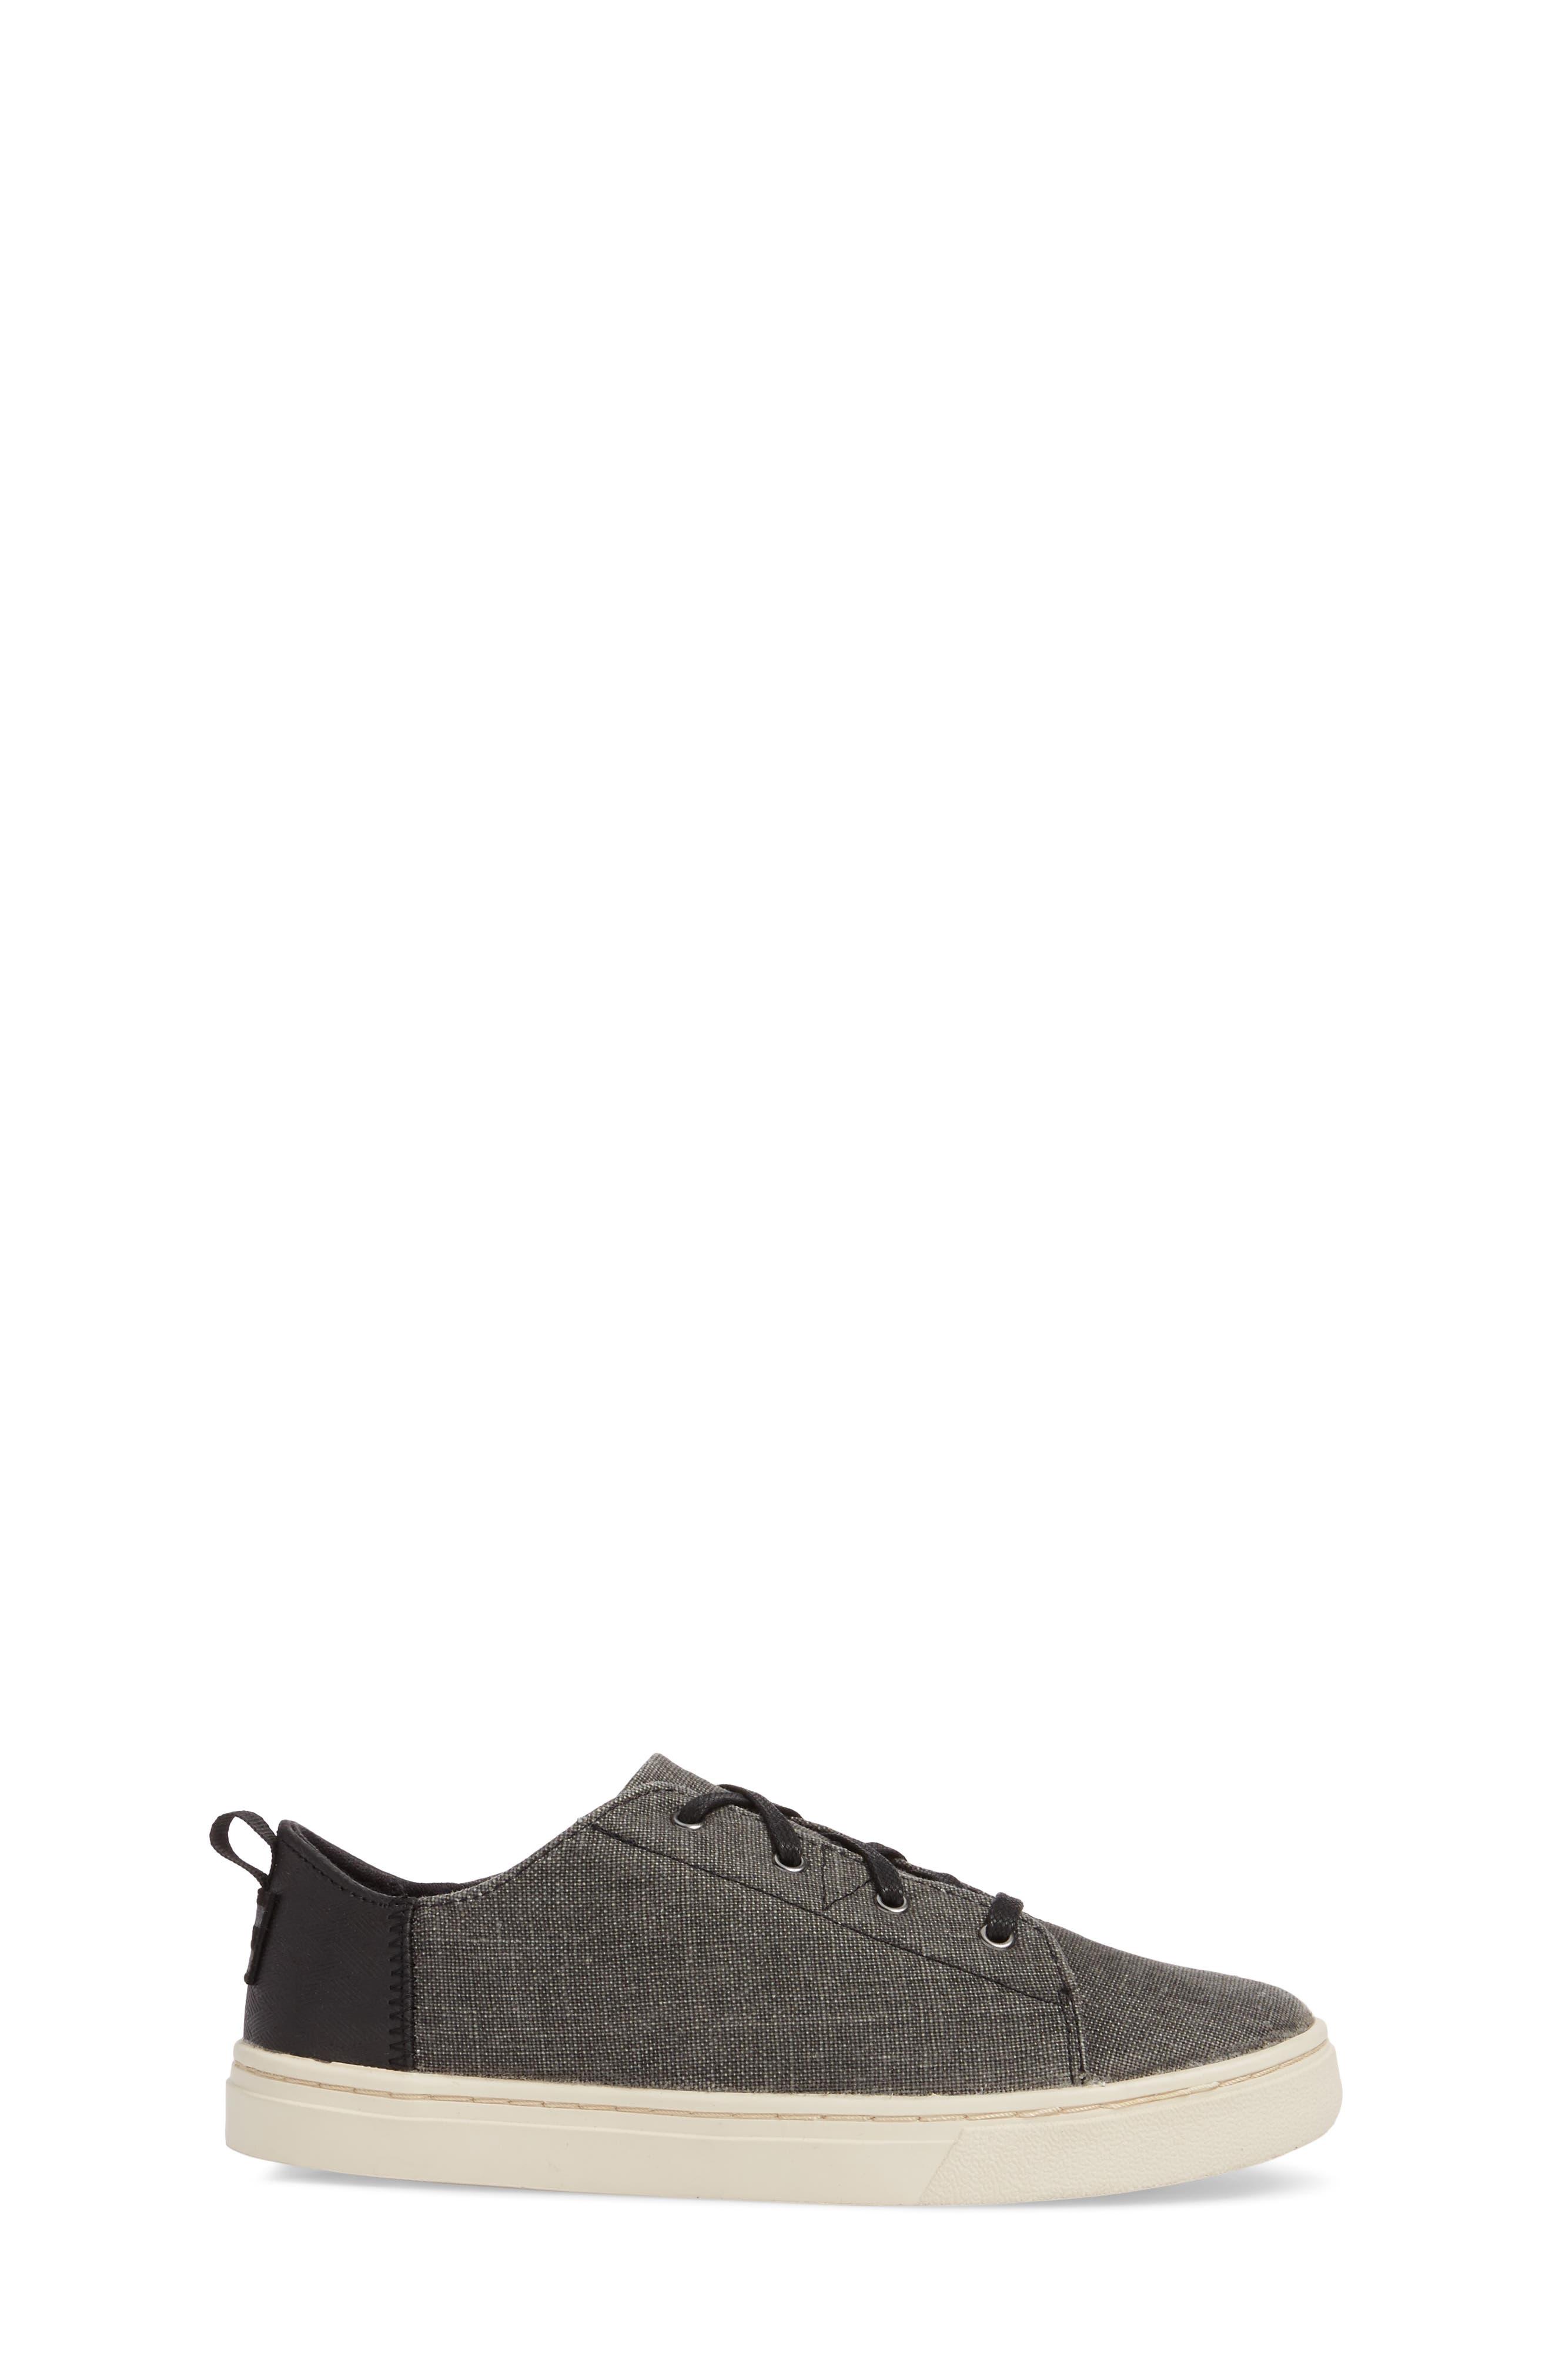 Lenny Sneaker,                             Alternate thumbnail 3, color,                             001